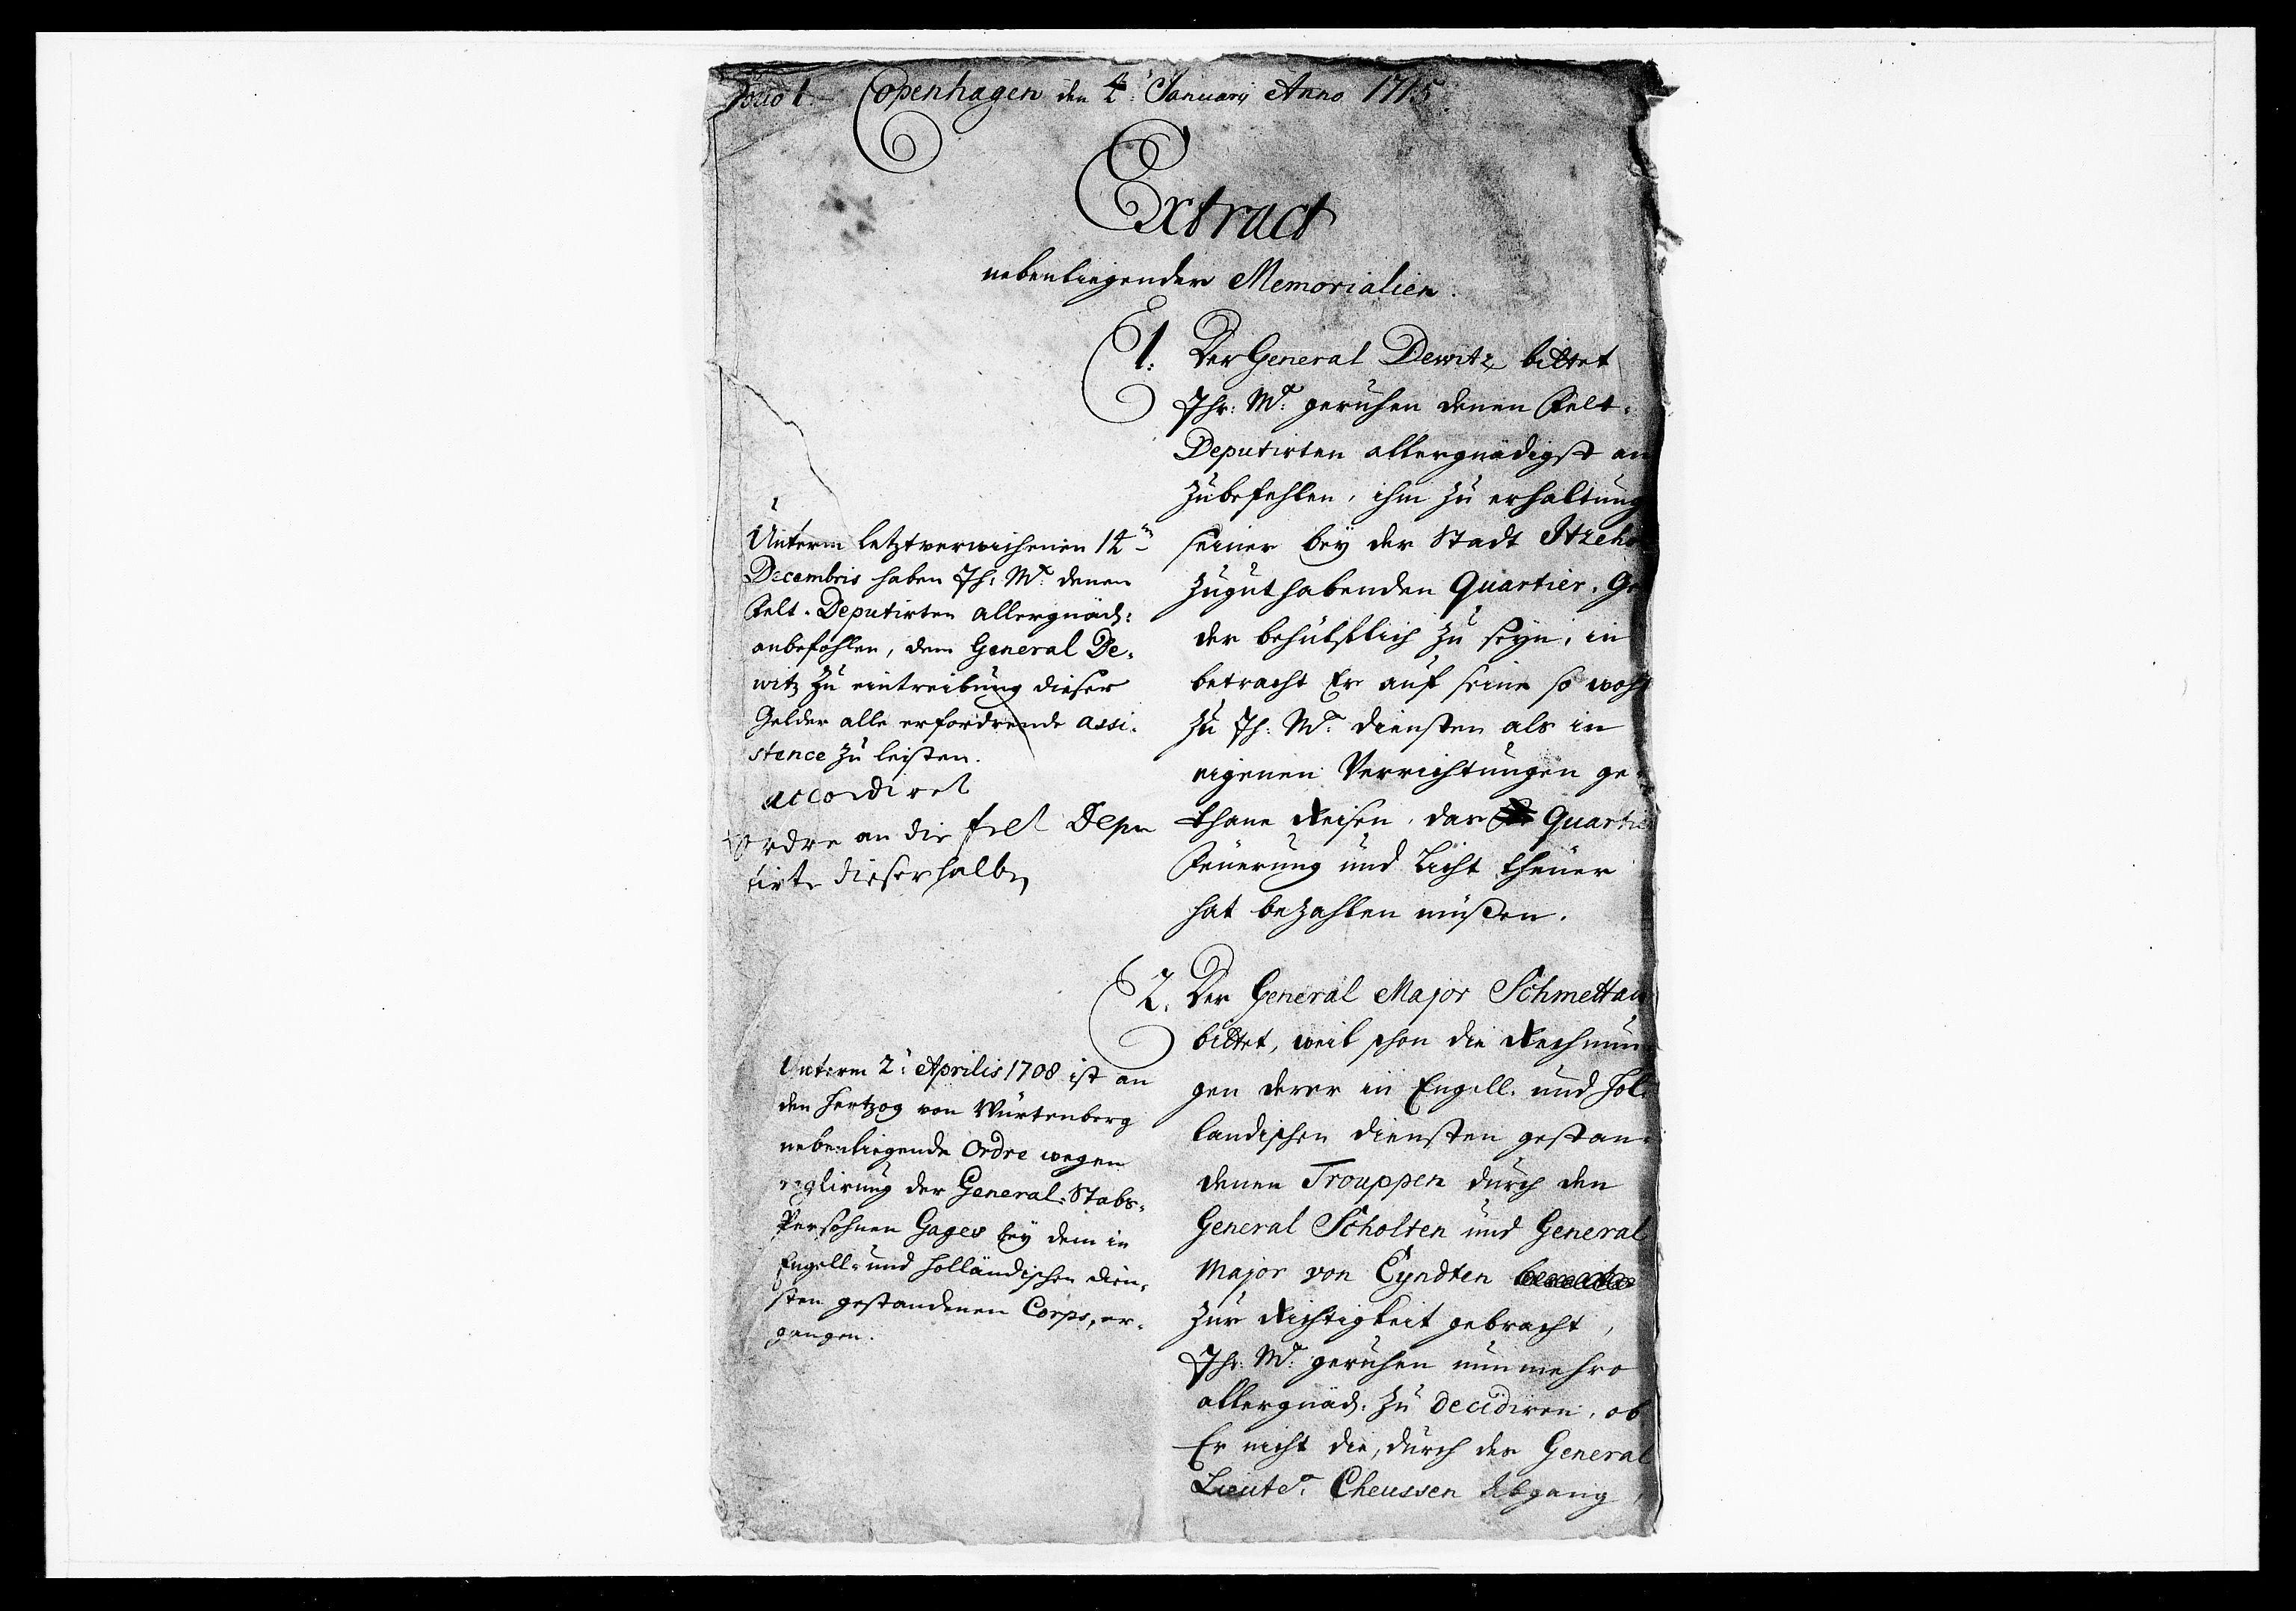 DRA, Krigskollegiet, Krigskancelliet, -/1014-1024: Refererede sager, 1715, s. 2